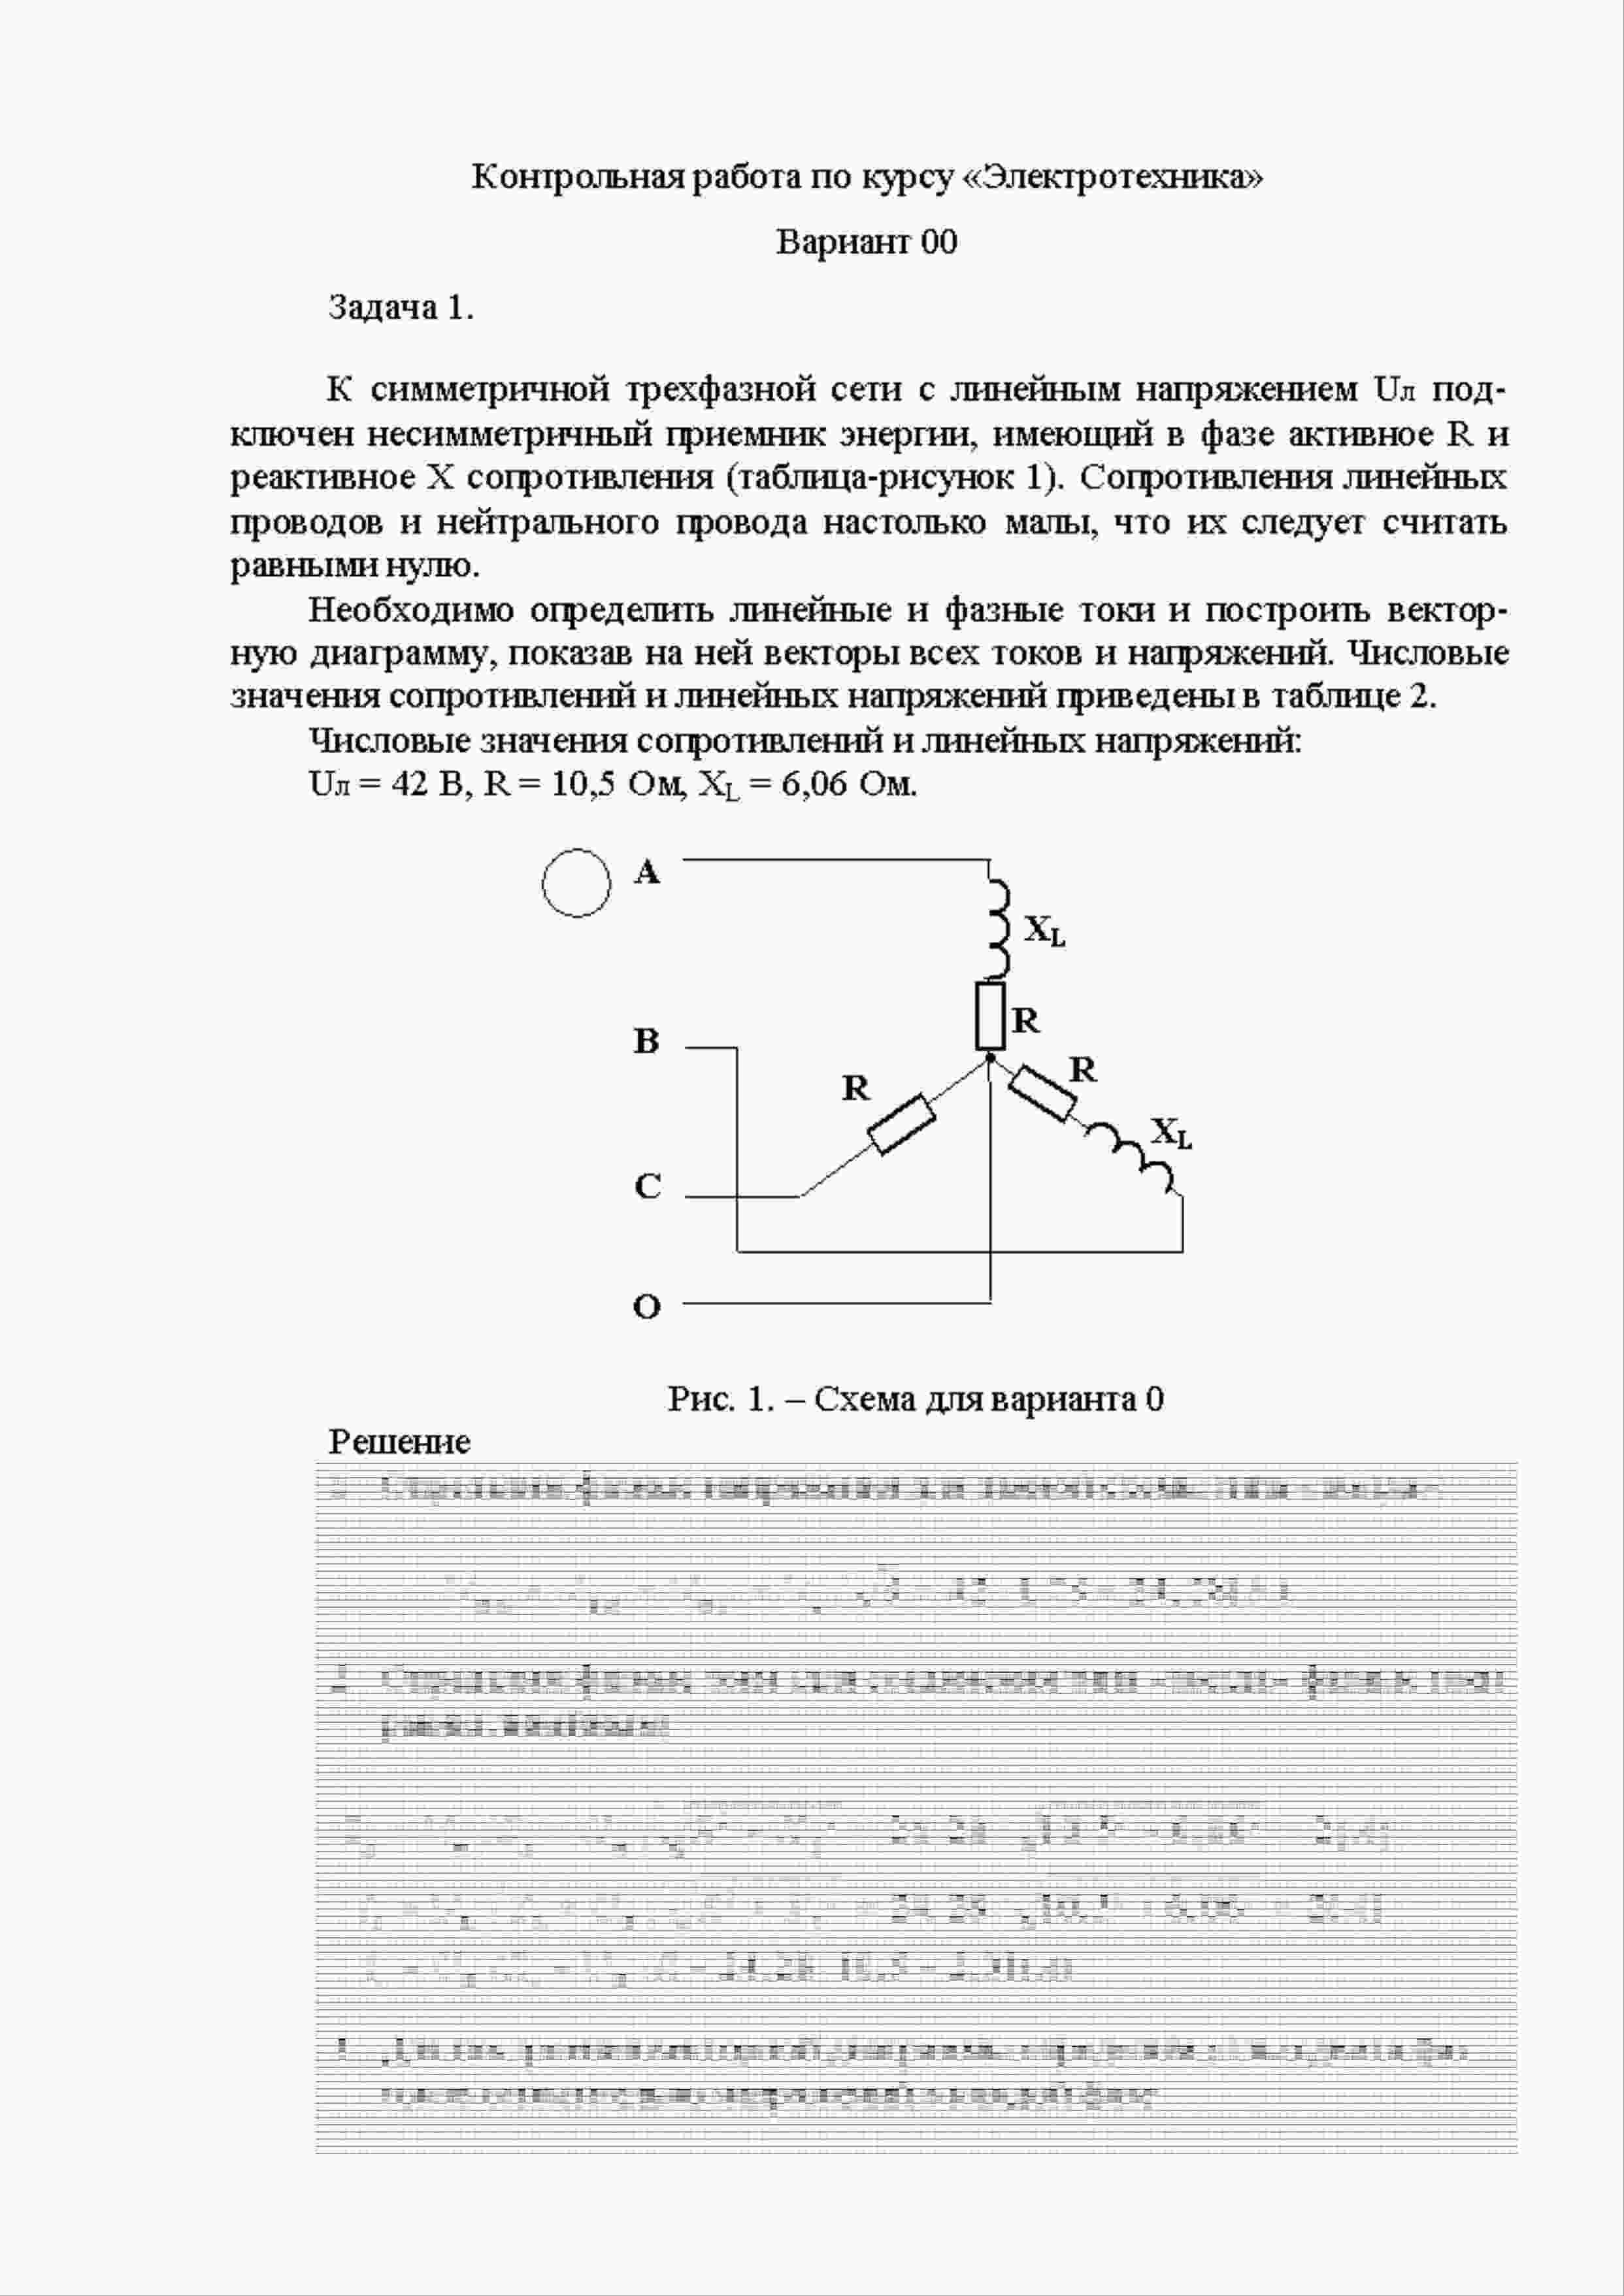 Курсовые практика на заказ в Томске Заказать реферат в Армавире Стоимость докторской диссертации в Грозном